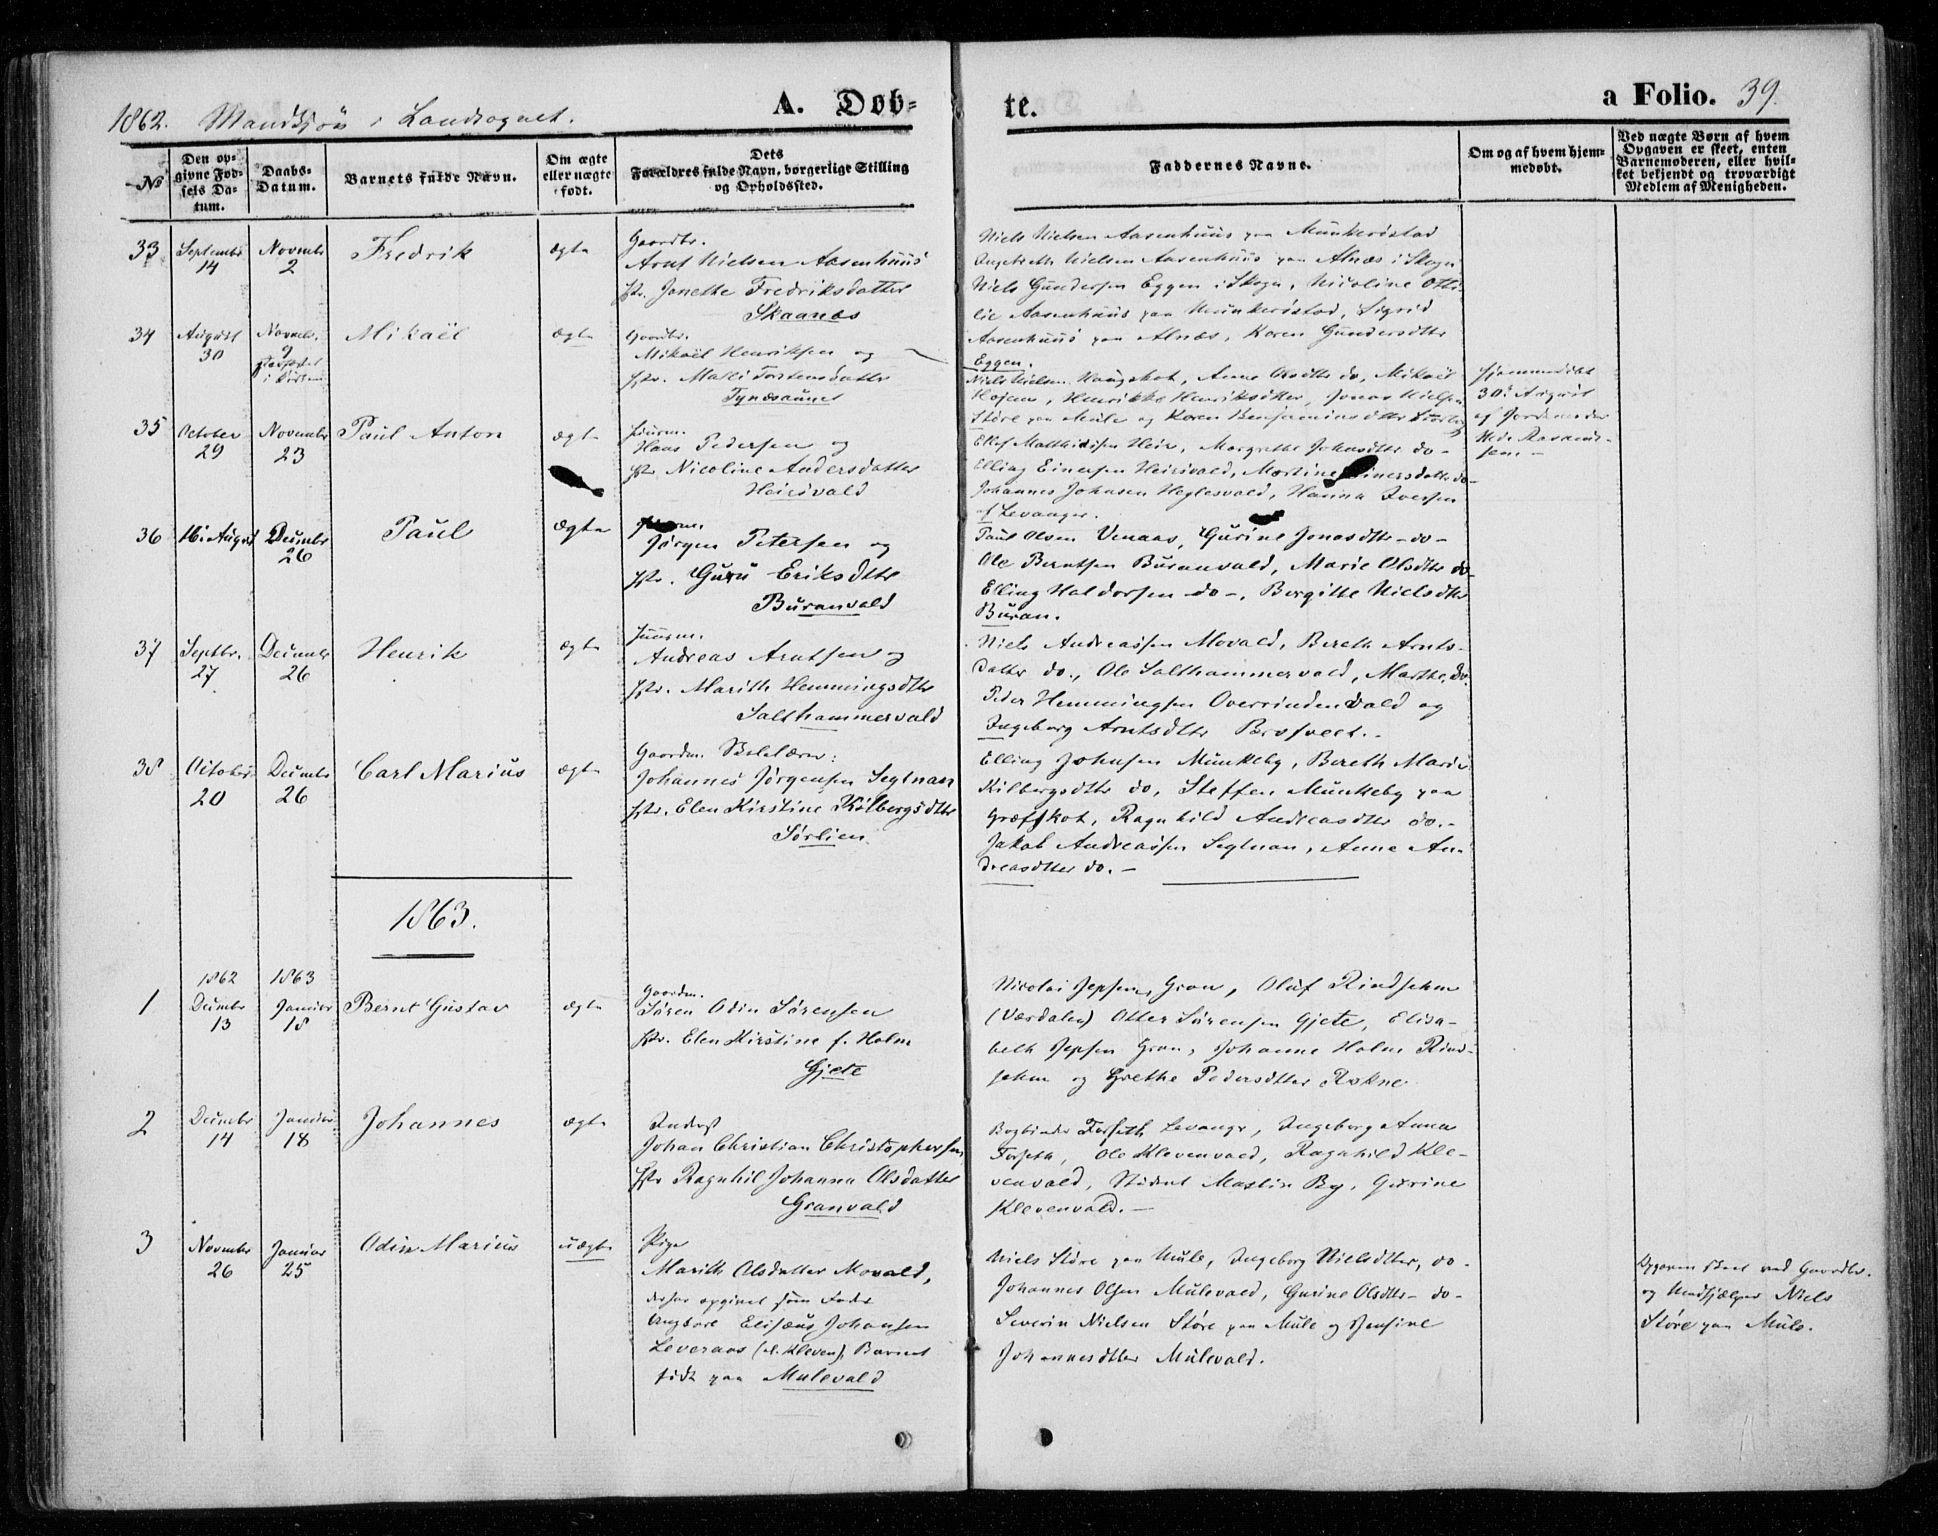 SAT, Ministerialprotokoller, klokkerbøker og fødselsregistre - Nord-Trøndelag, 720/L0184: Ministerialbok nr. 720A02 /2, 1855-1863, s. 39